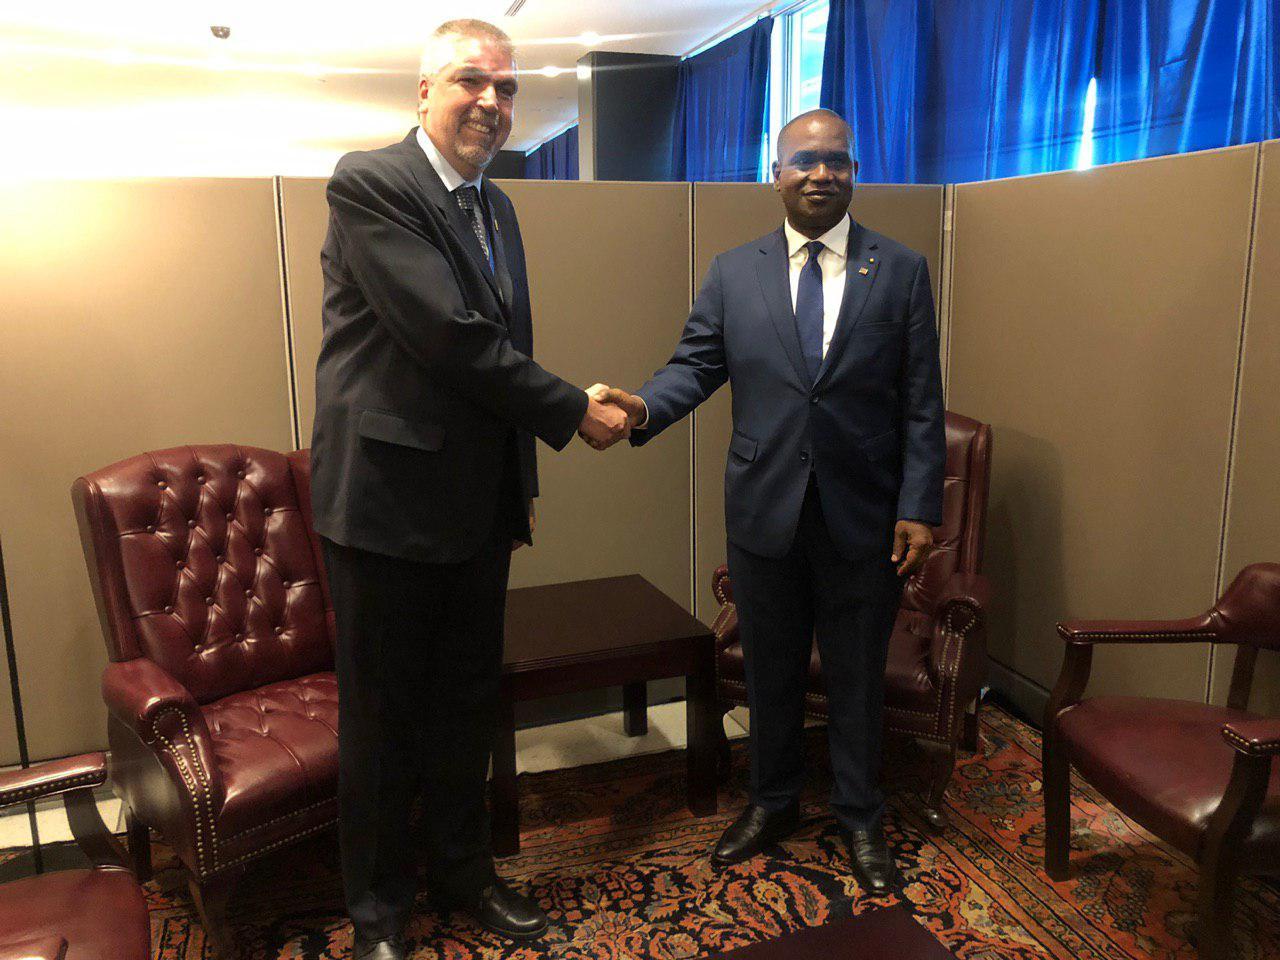 Viceministro para África, Yuri Pimentel, sostuvo un importante encuentro bilateral con el Ministro de Relaciones Exteriores y Cooperación de Burkina Faso, Alpha Barry, con el objetivo de estrechar los lazos de cooperación y amistad entre ambas naciones